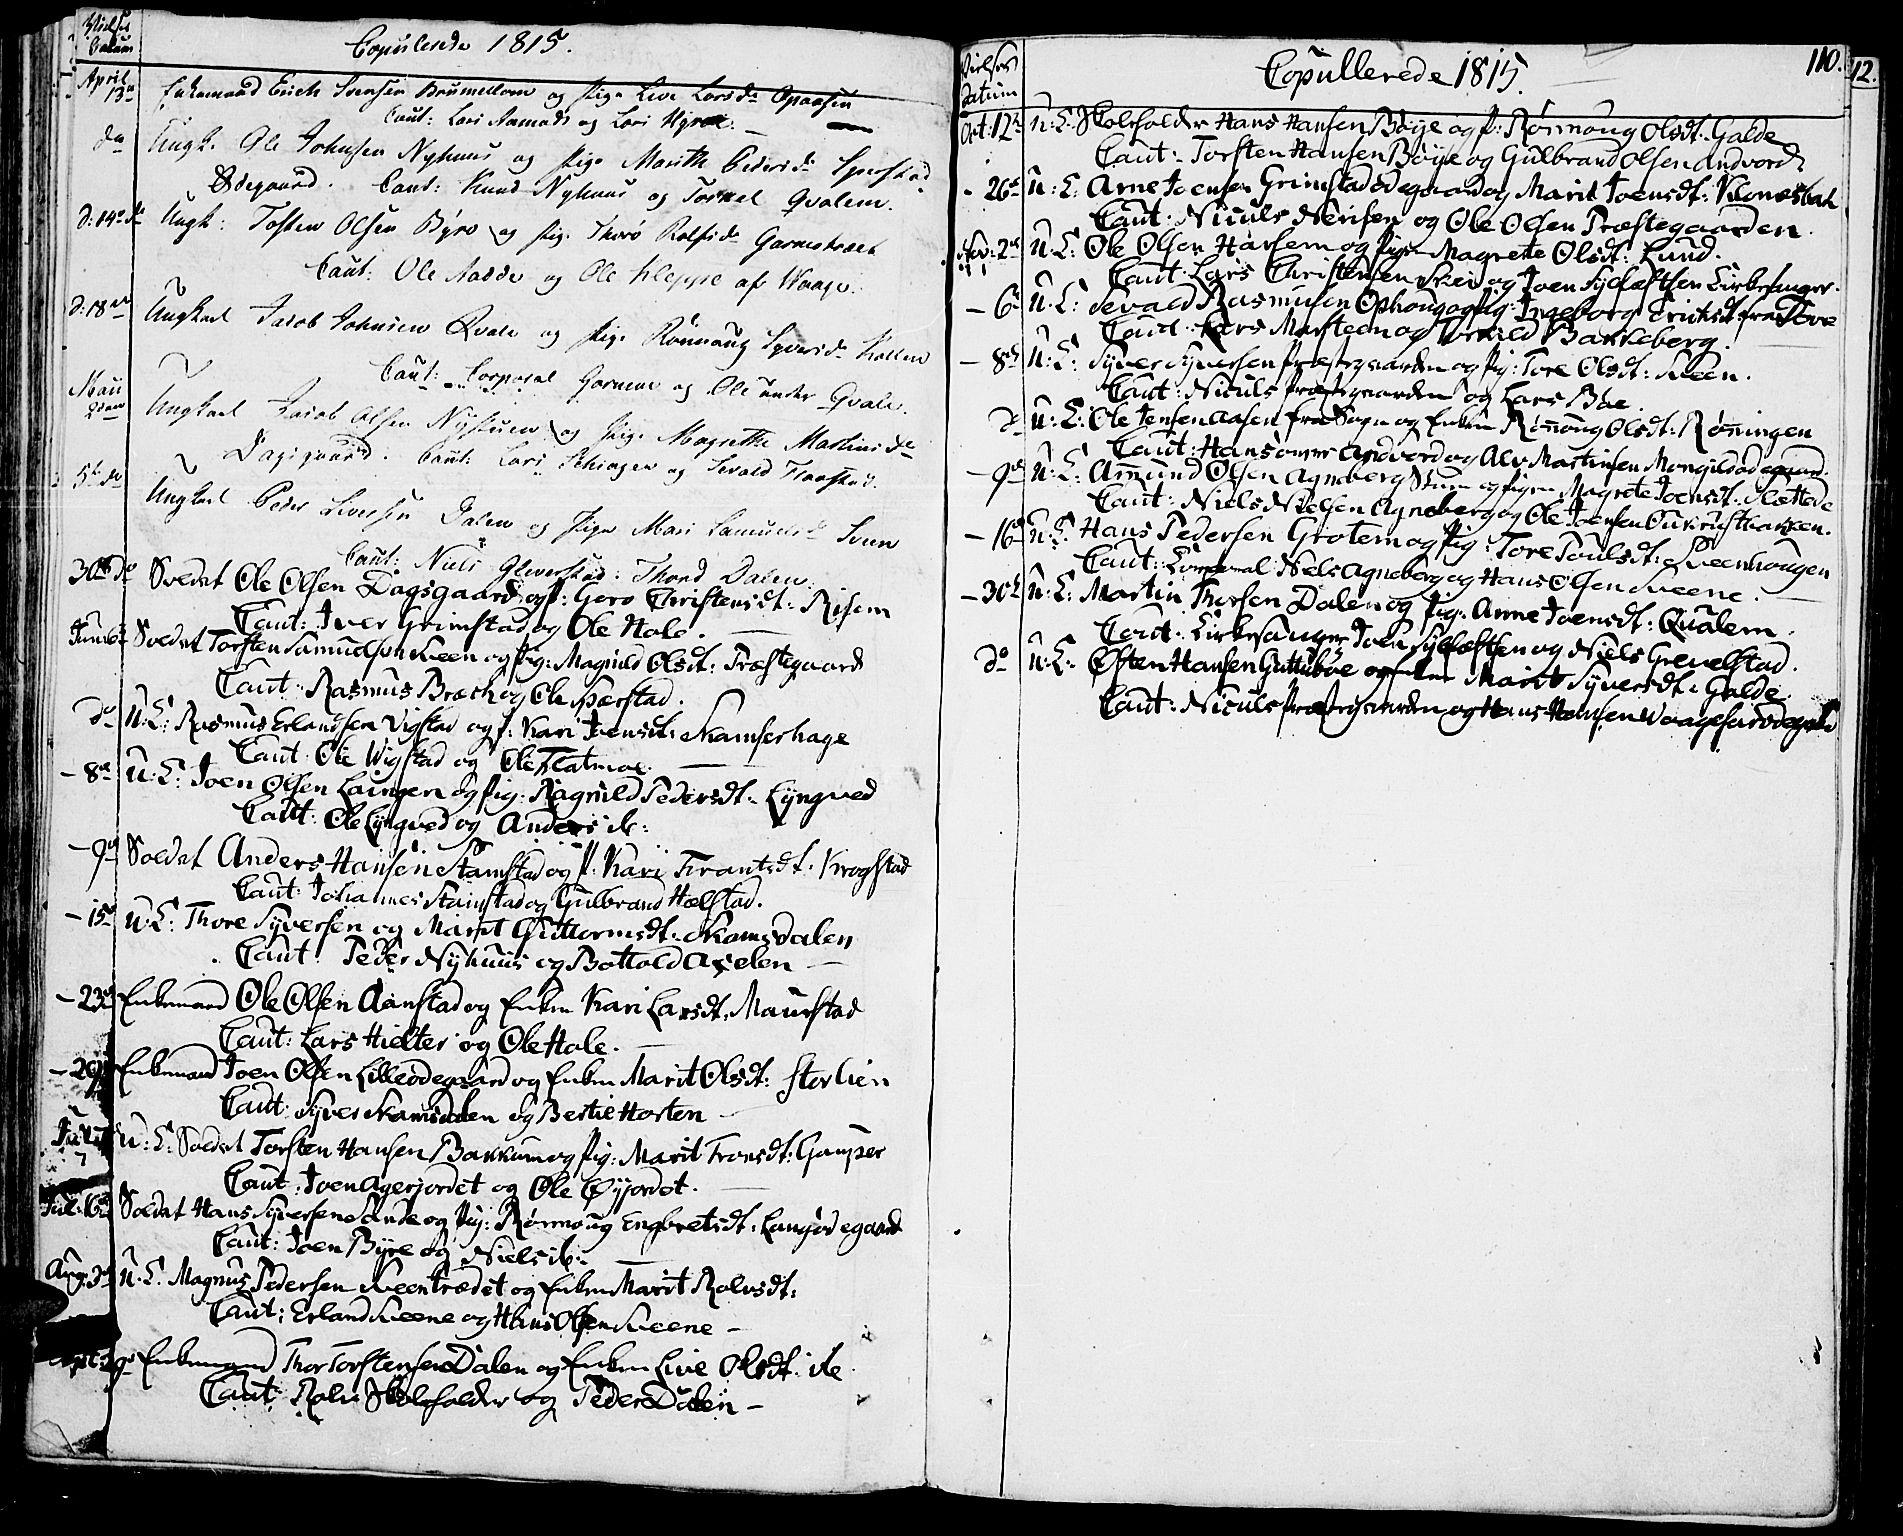 SAH, Lom prestekontor, K/L0003: Ministerialbok nr. 3, 1801-1825, s. 110